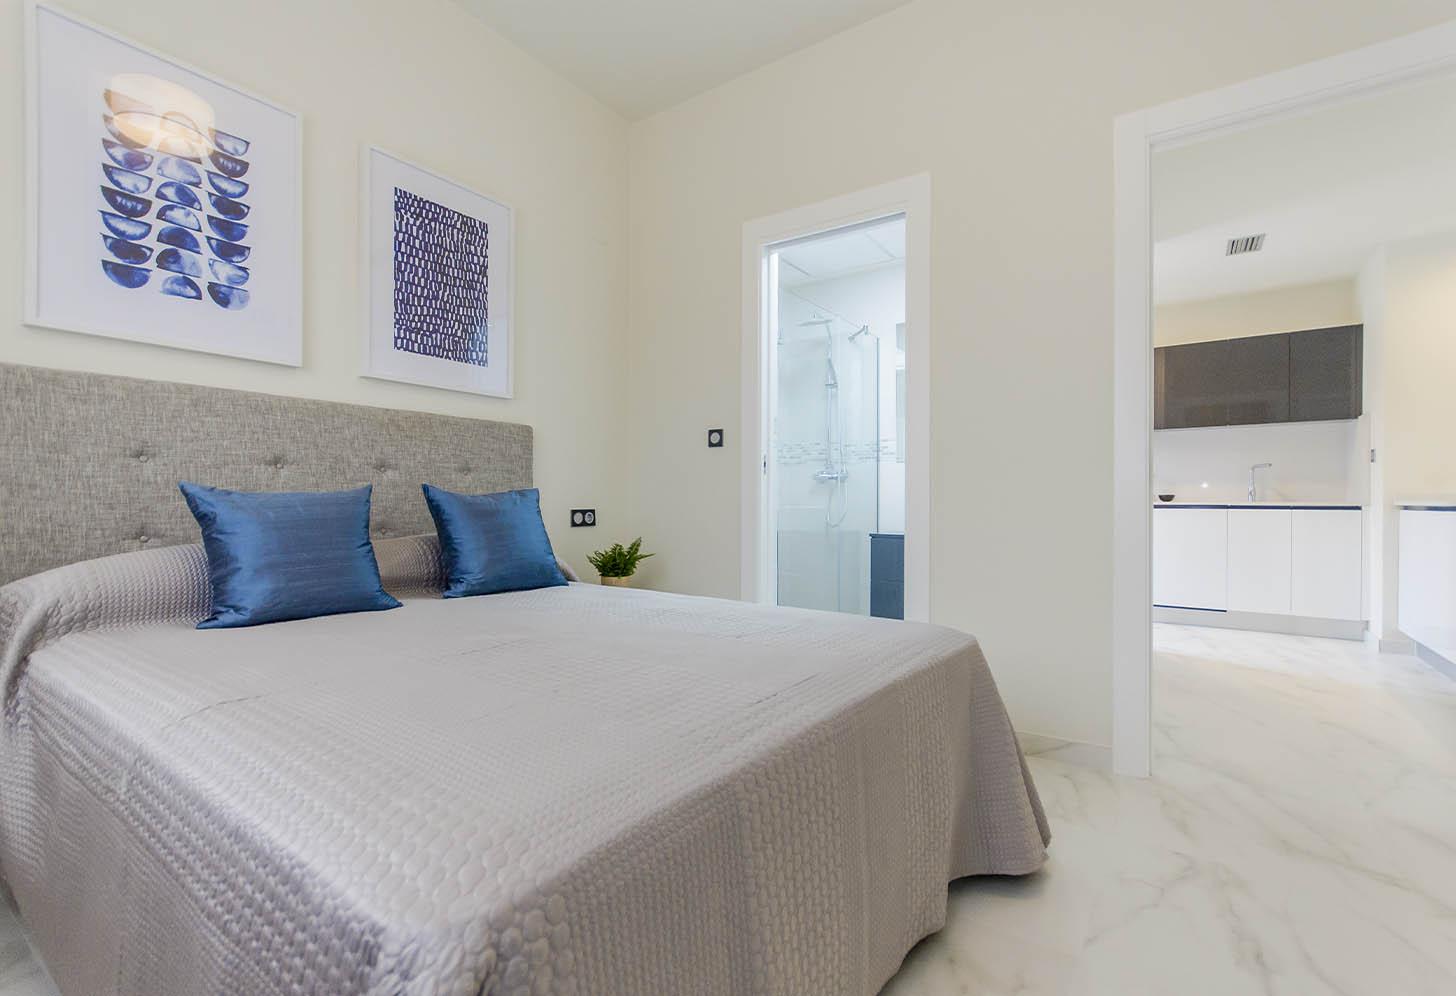 immobilier neuf espagne costa blanca on-p1 castalla chambre 1